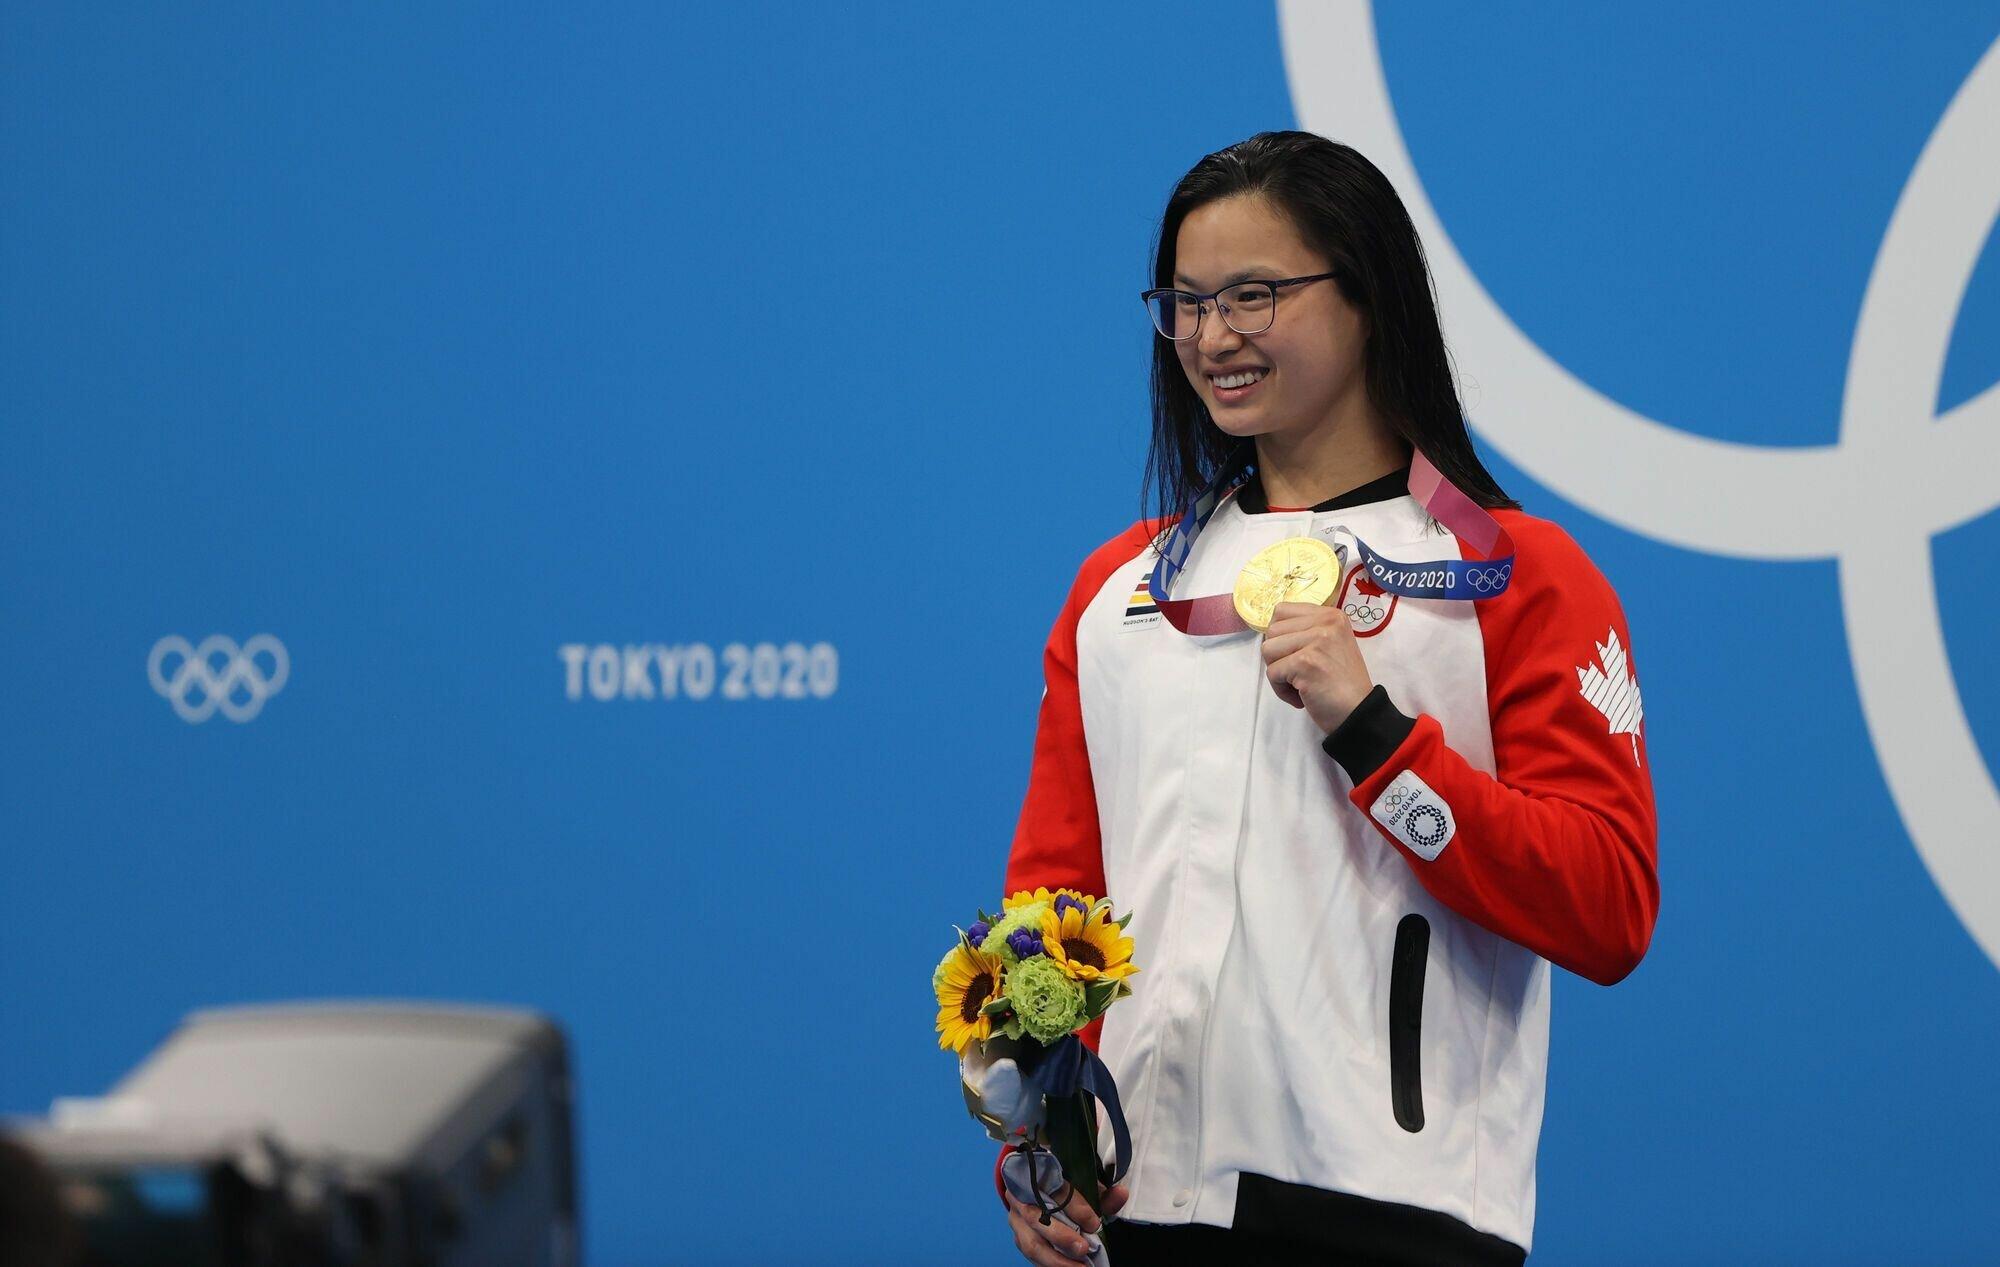 Маргарет Макнил с золотой медалью.